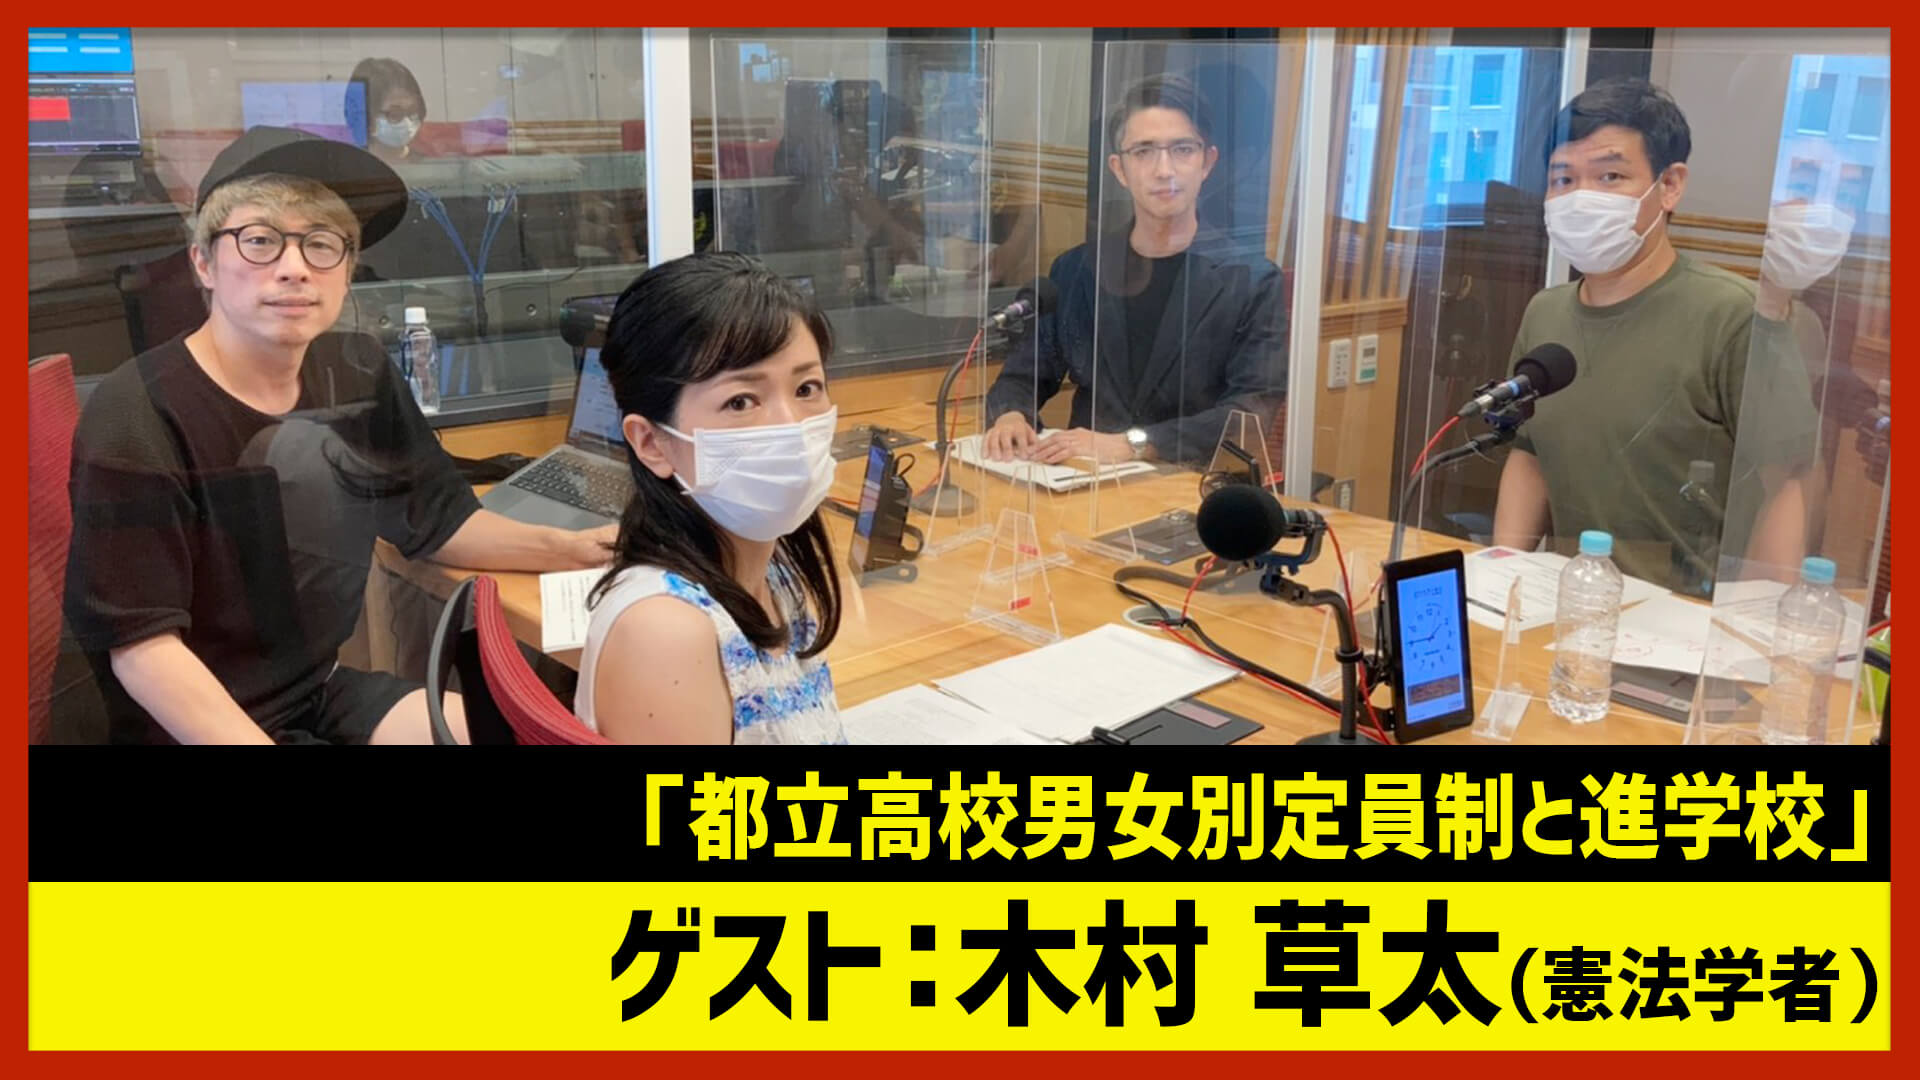 【田村淳のNewsCLUB】ゲスト: 木村草太さん(2021年7月17日前半)